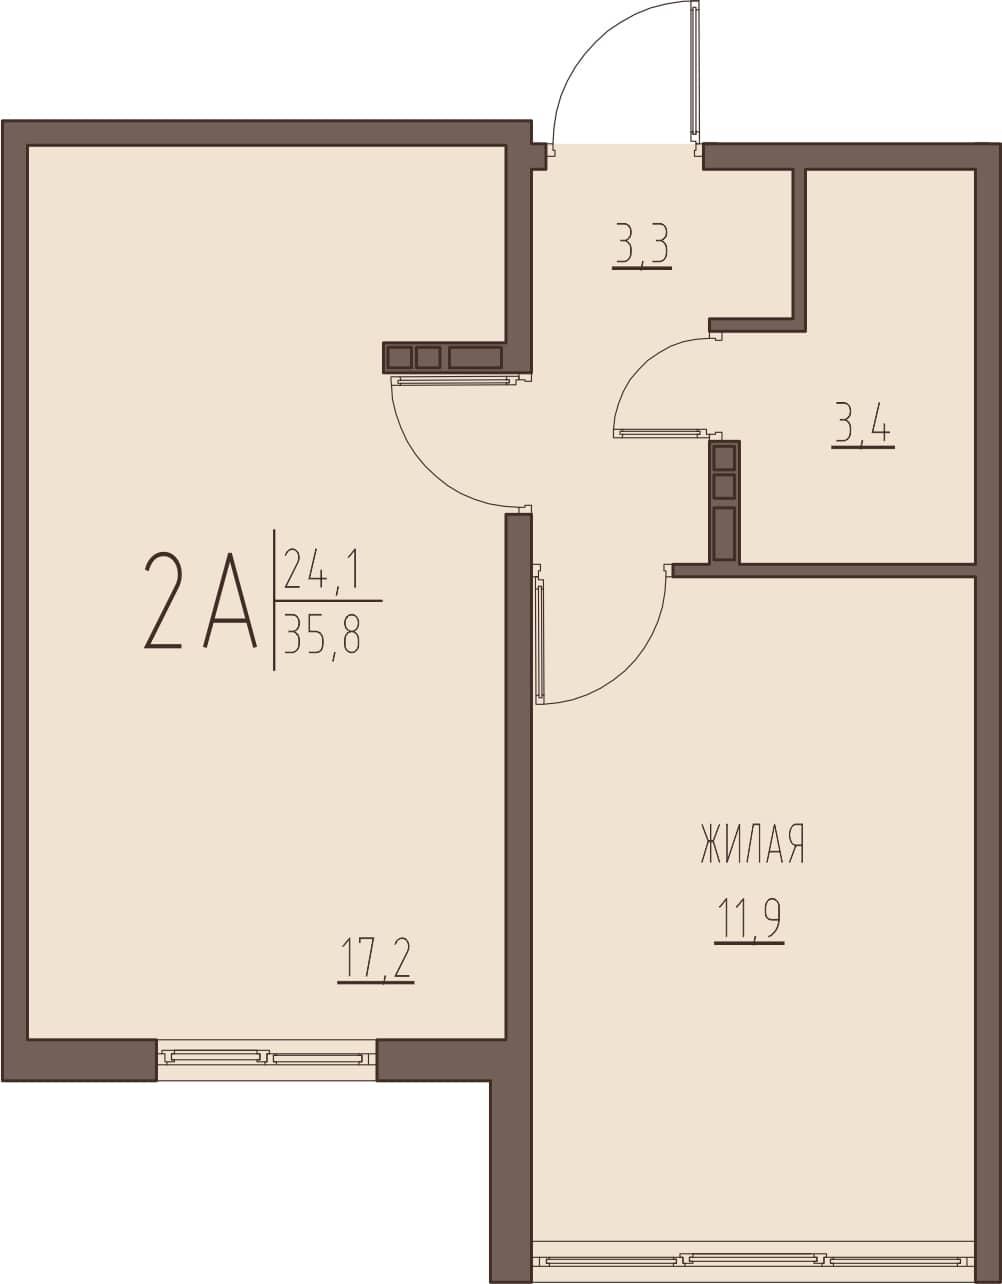 2-комнатная квартира 35,8 м² с просторной кухней-гостиной